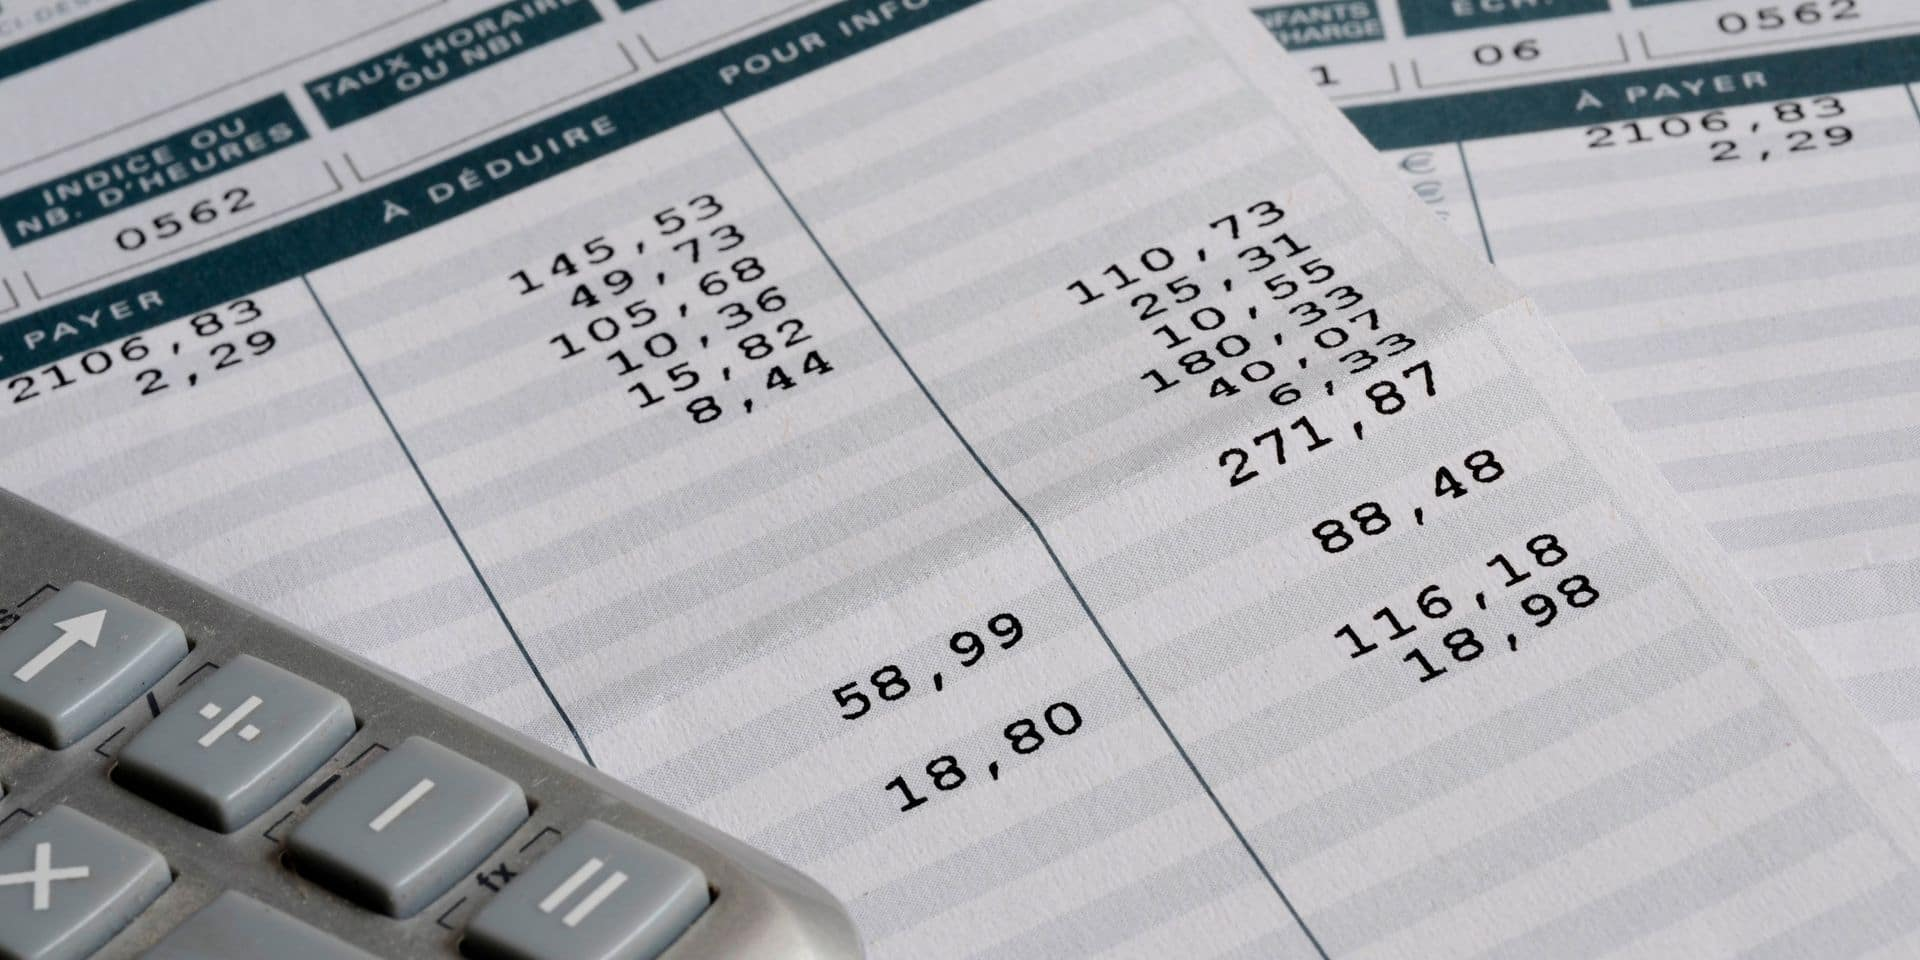 Fonction publique : les allocations et salaires vont être indexés